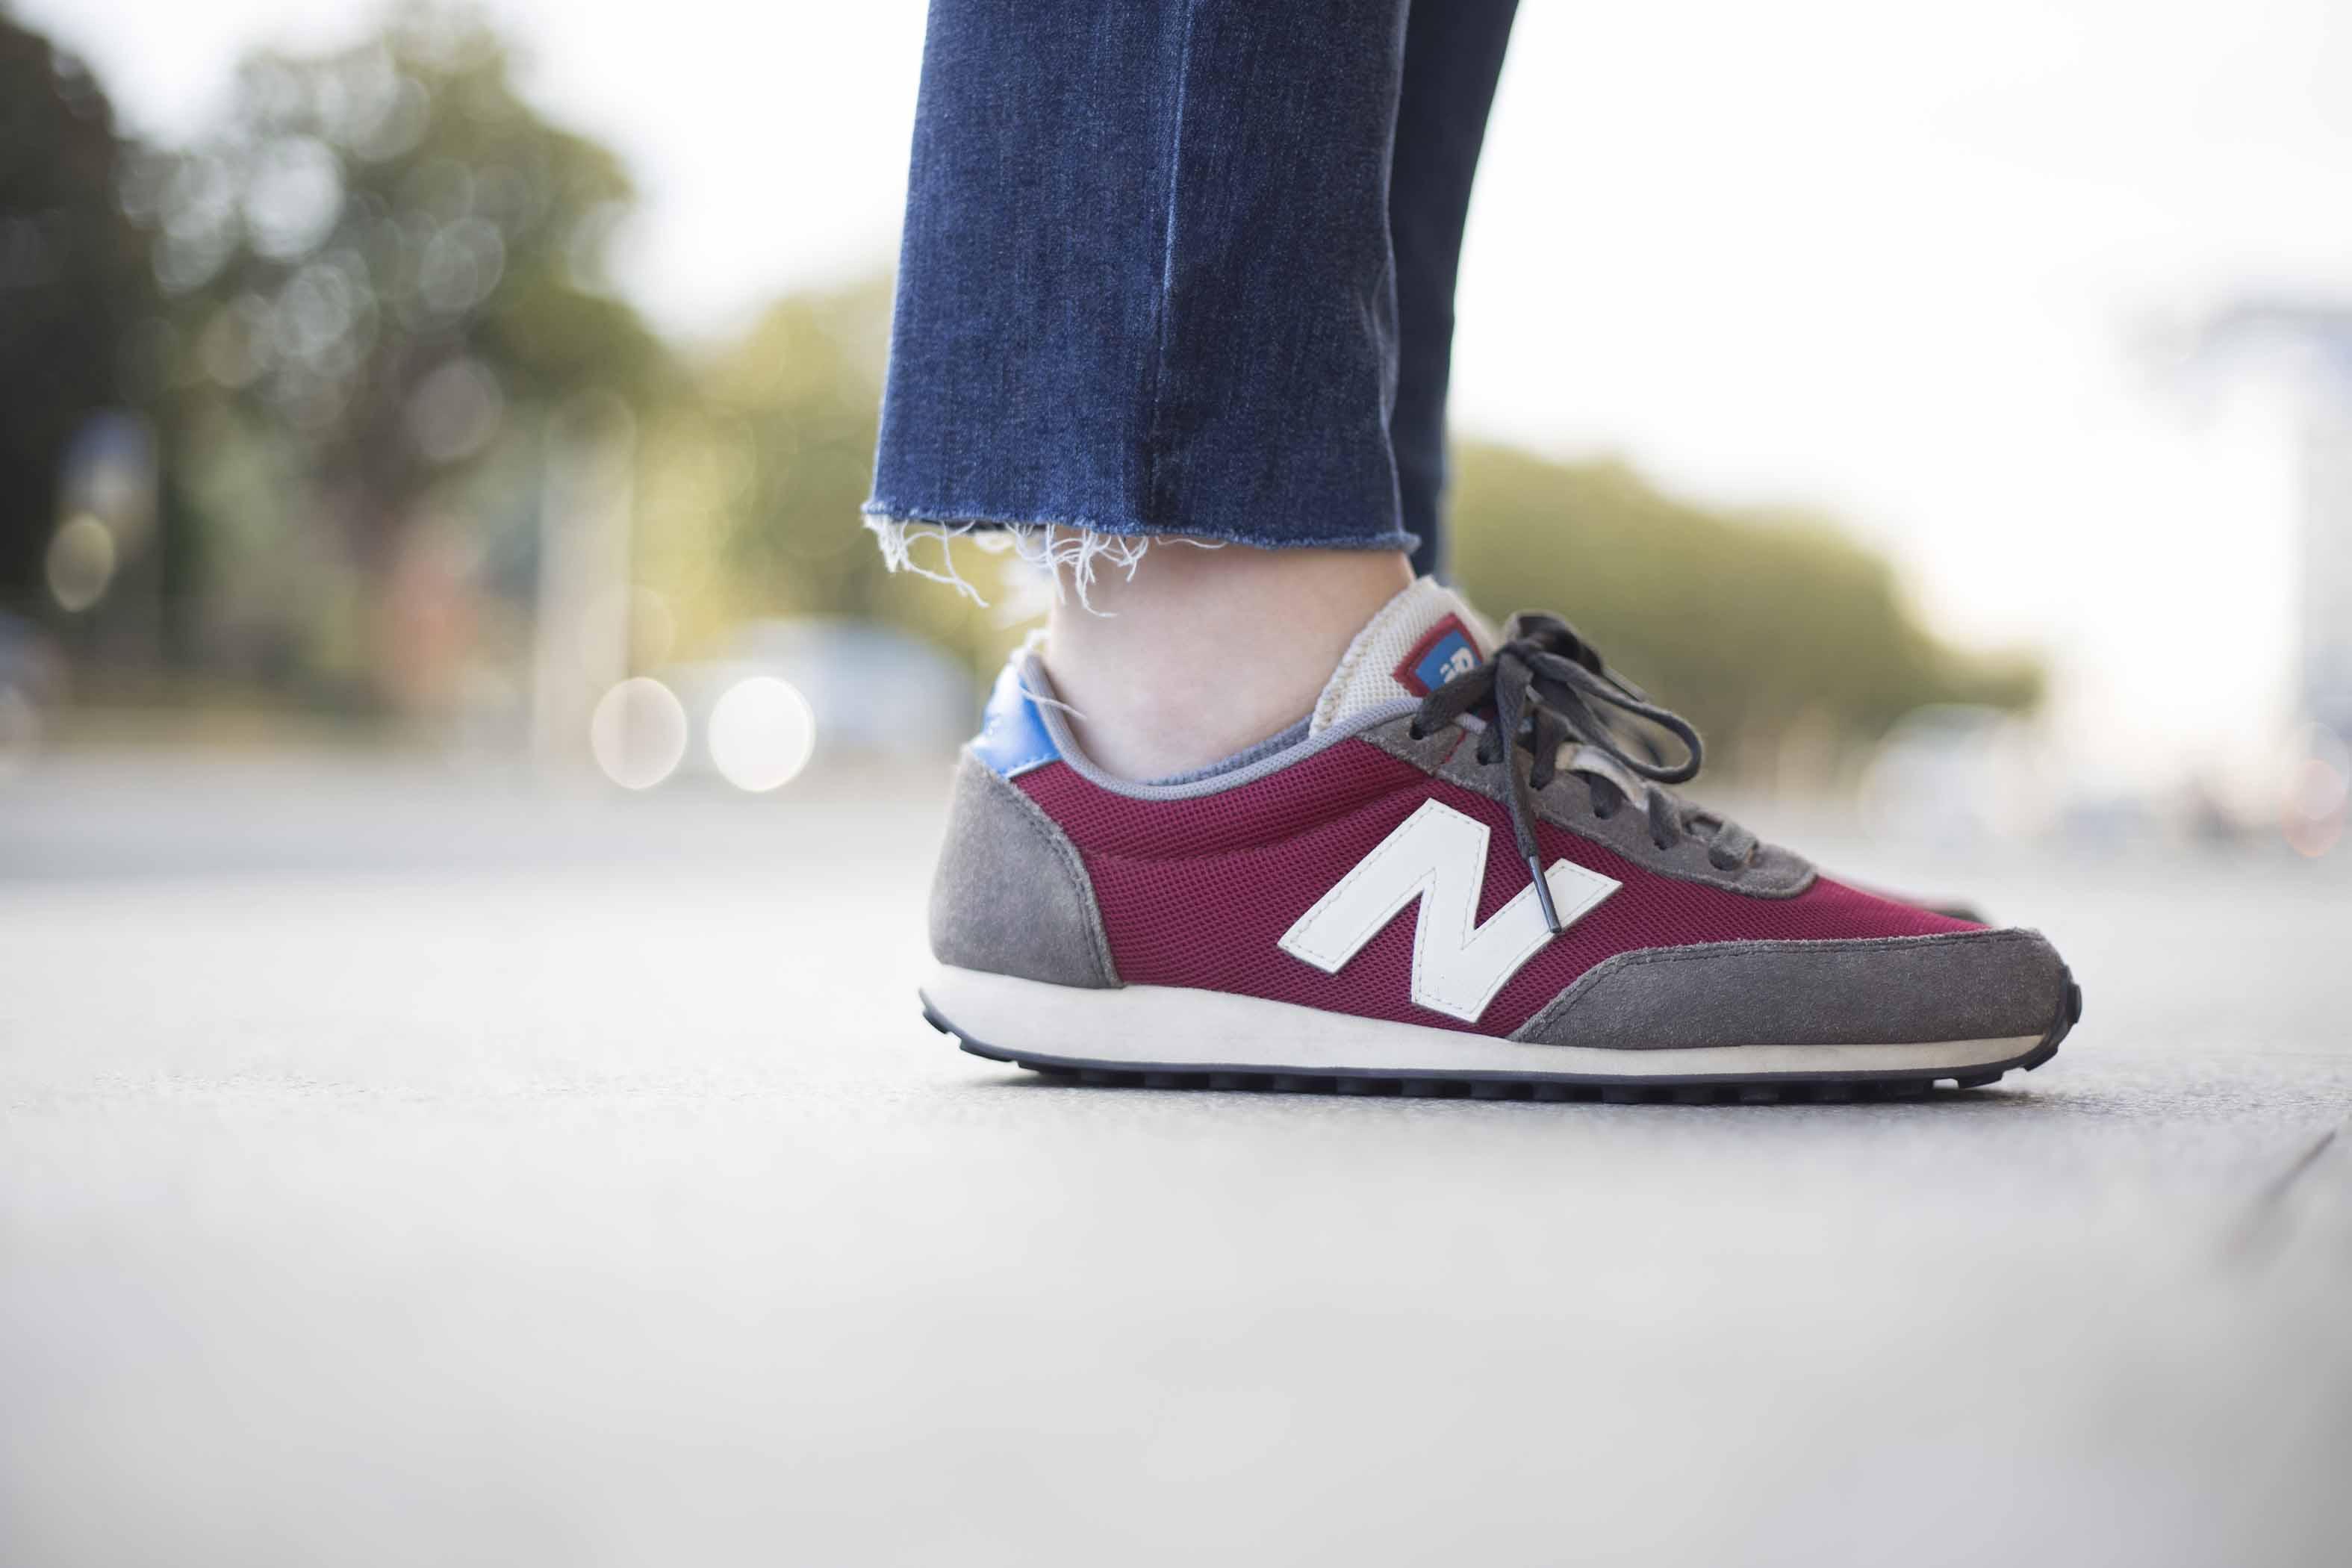 new-balance-zapatillas-streetstyle-descalzaporelparque-moda-calle